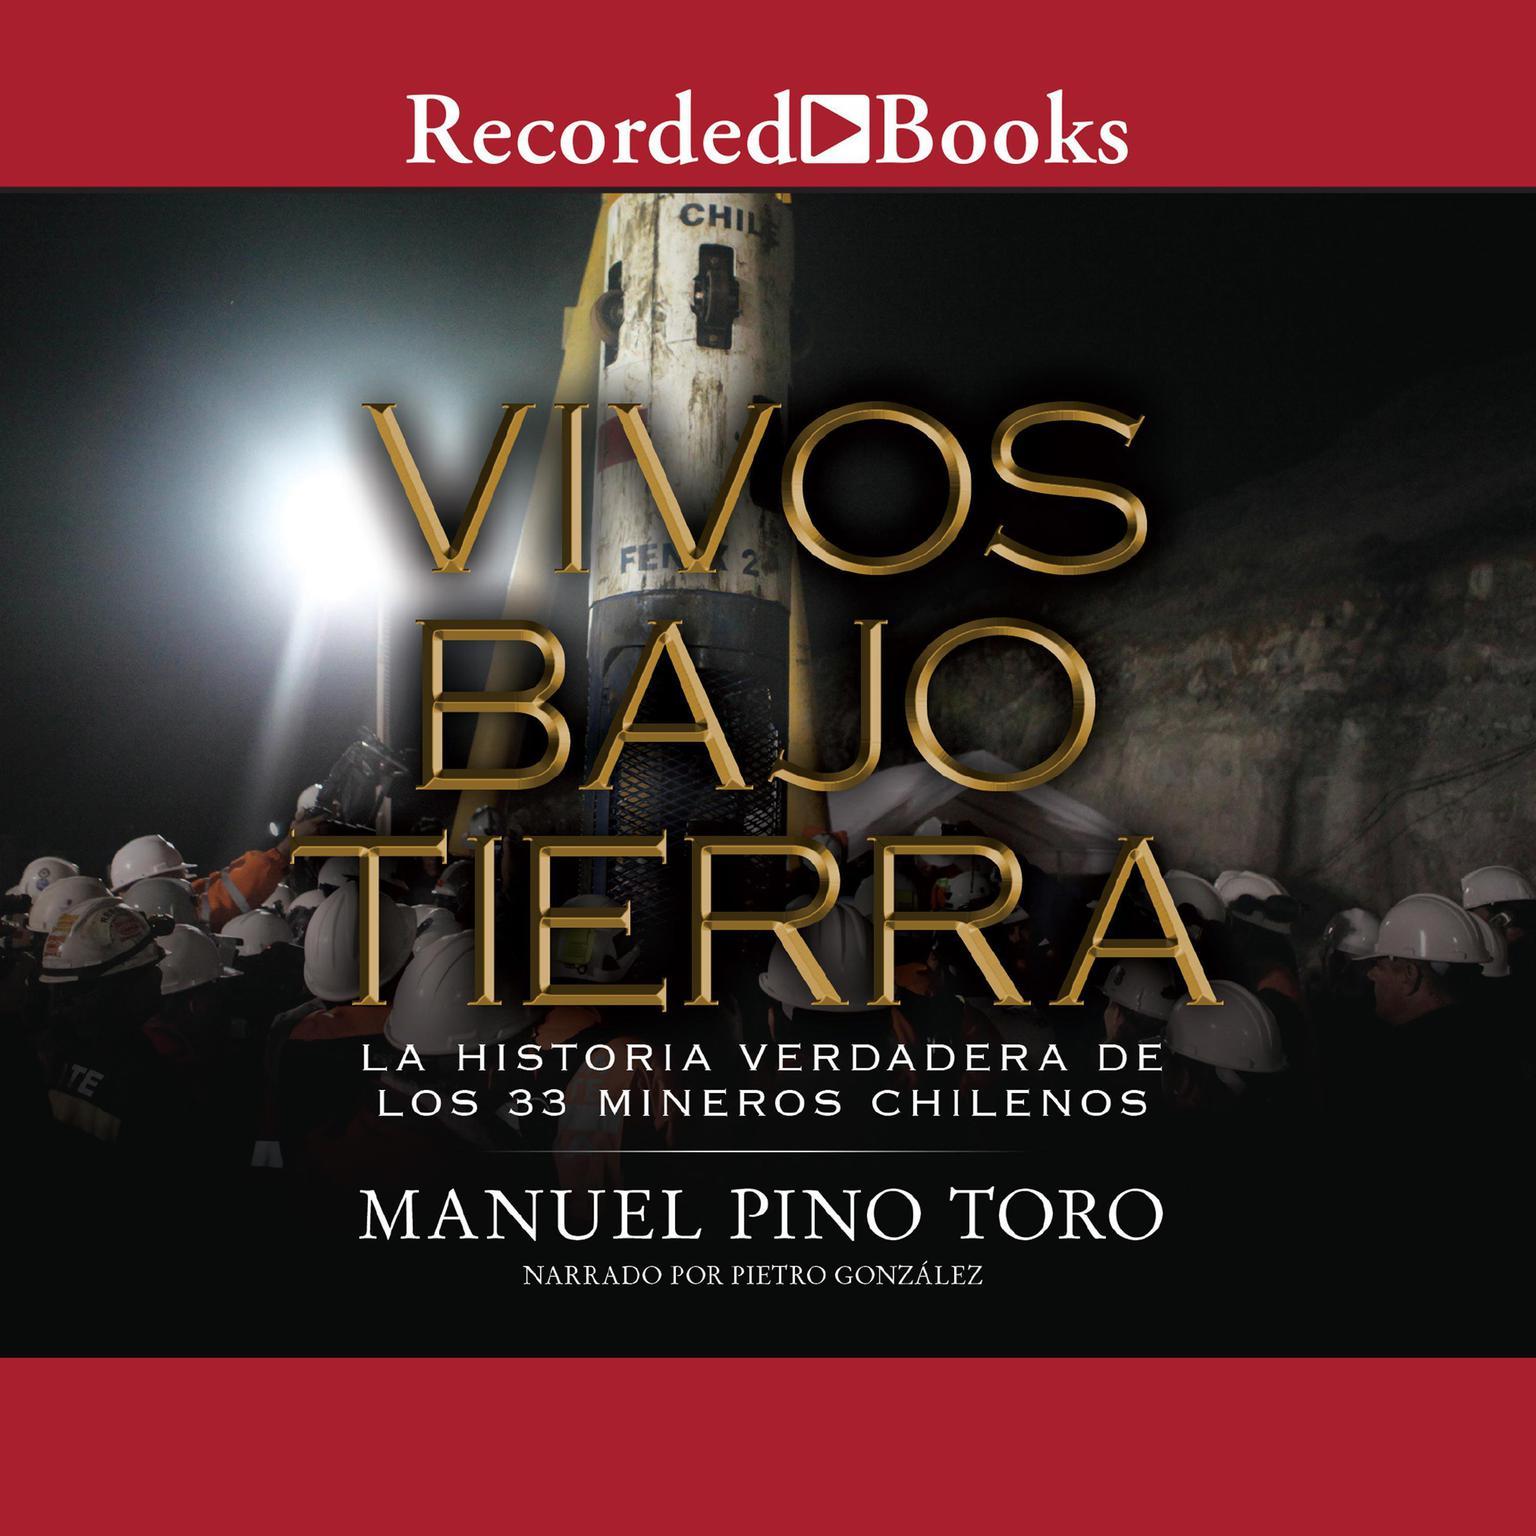 Vivos bajo tierra: La historia verdadera de los 33 mineros chilenos (The True Story of the 33 Chile an Miners) Audiobook, by Manuel Pino Toro